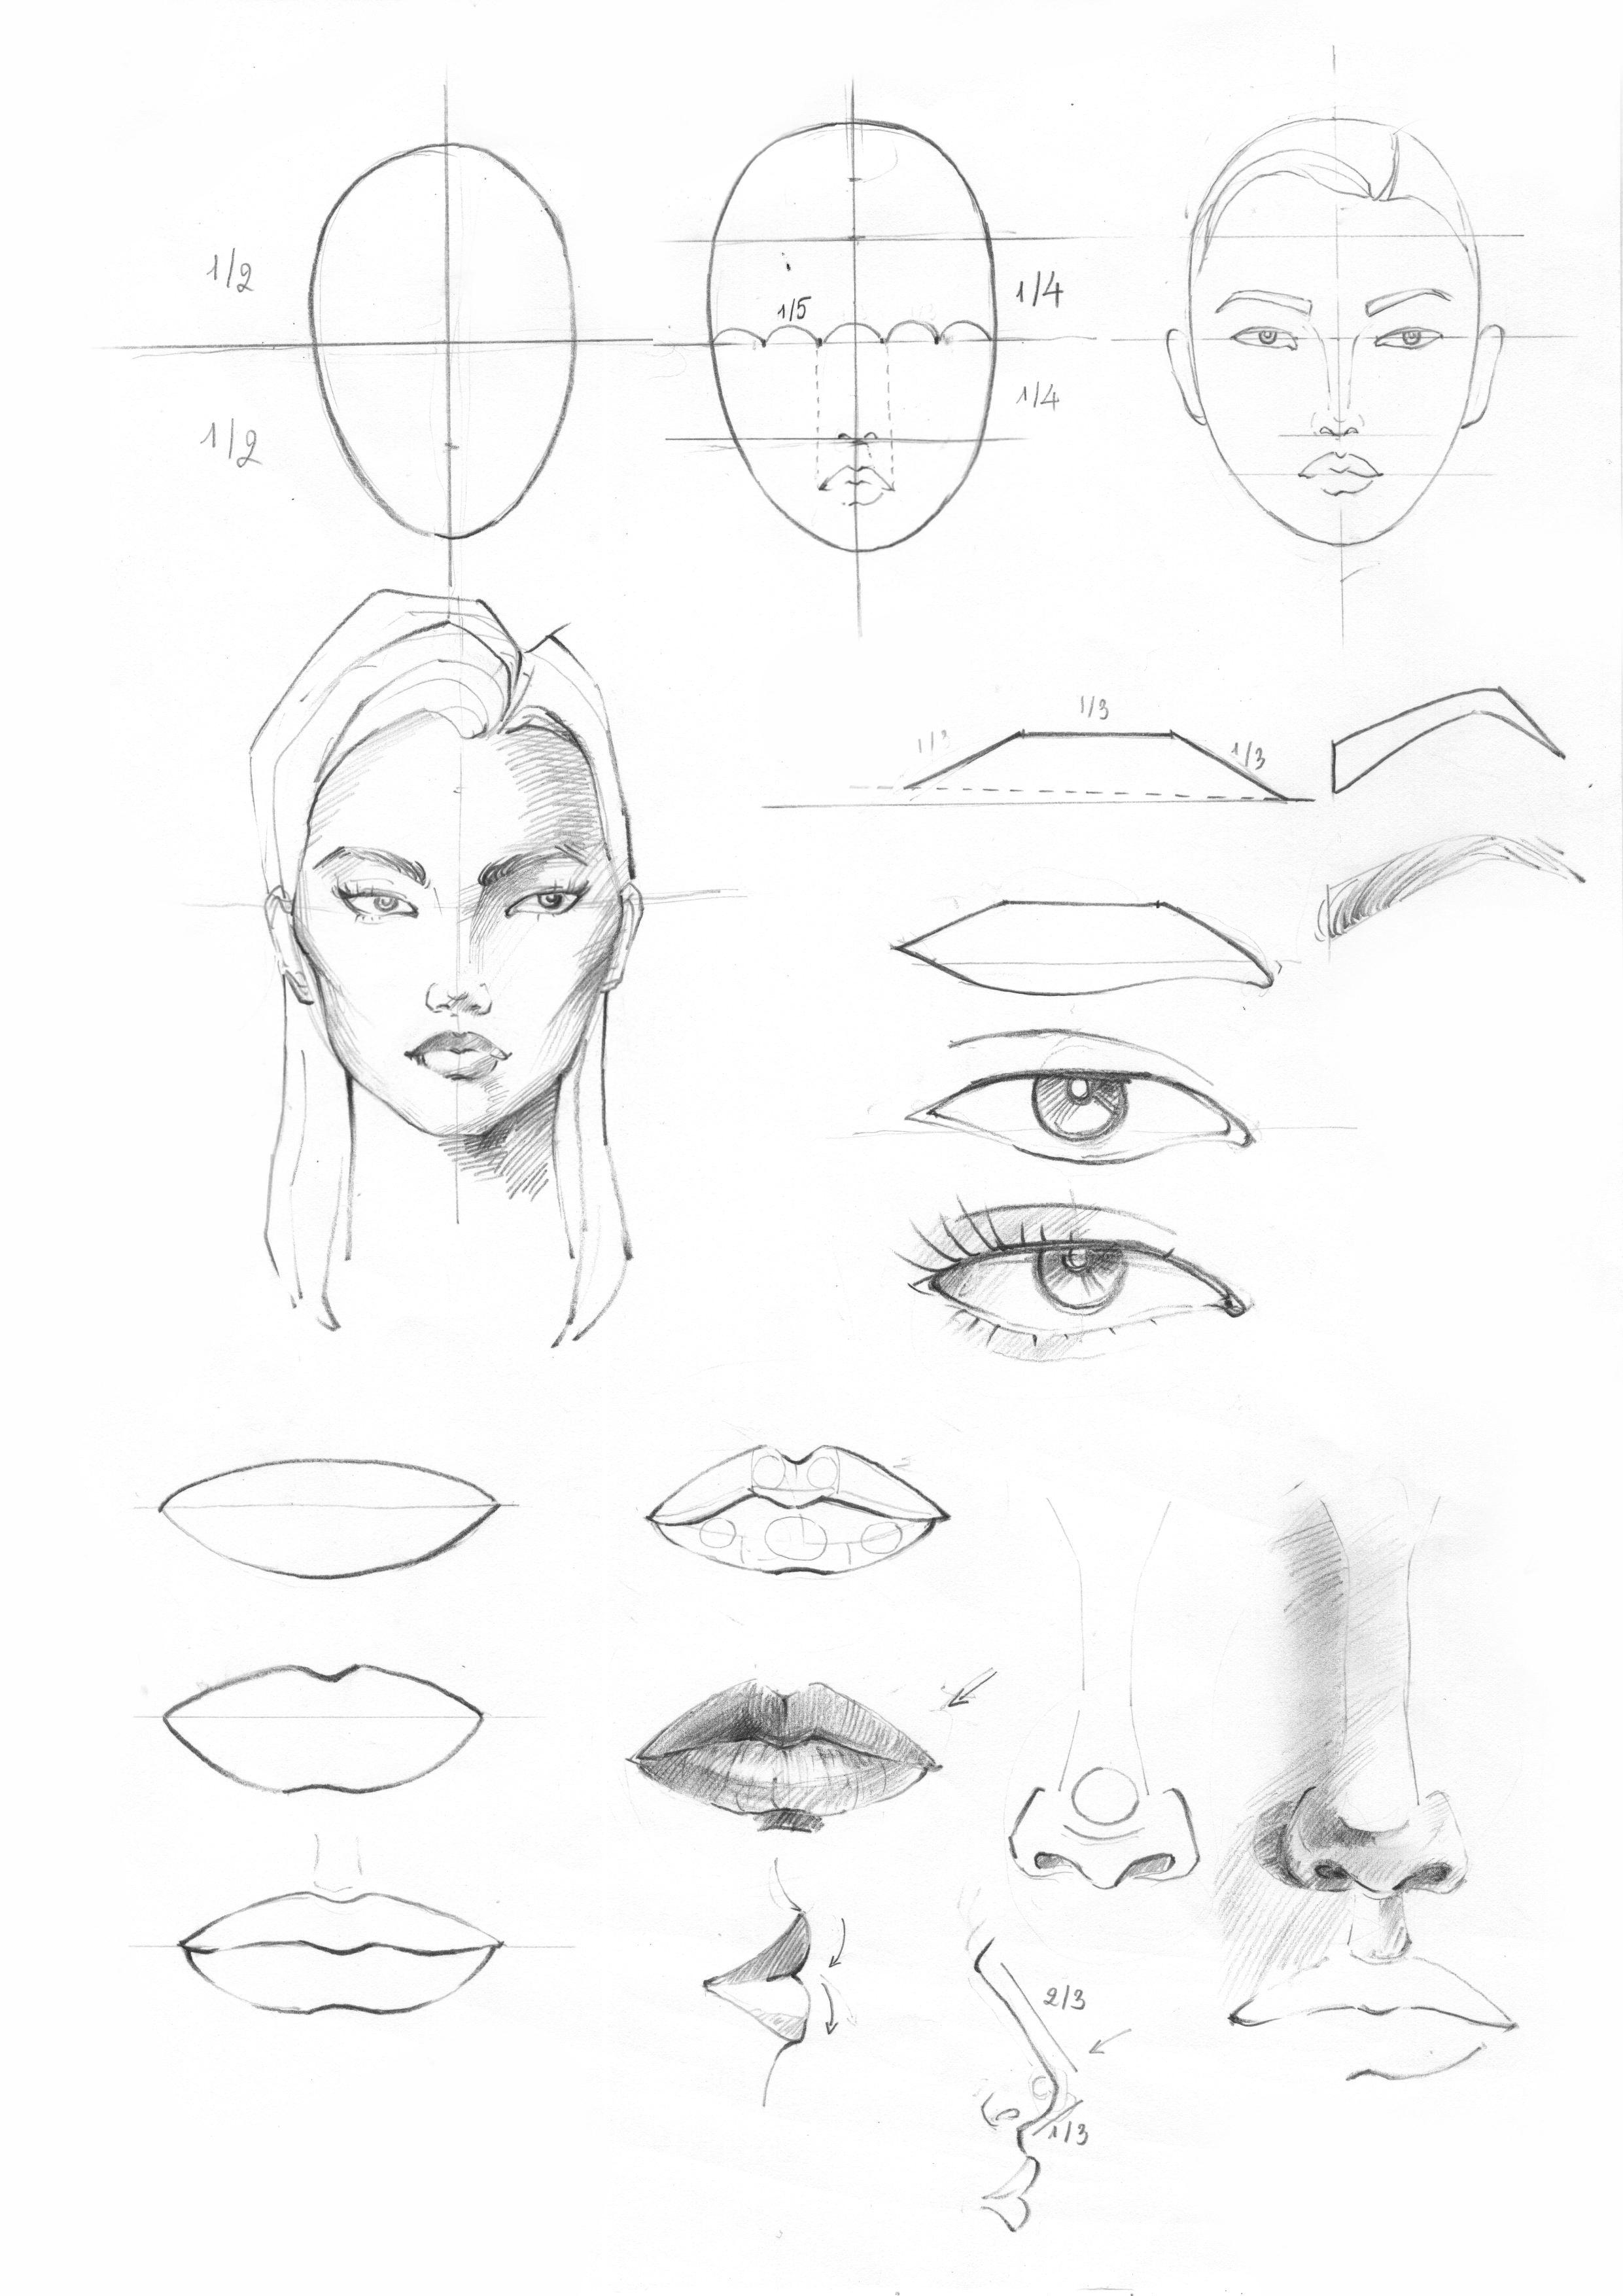 Buổi 3 + 4: Cách vẽ gương mặt - + Hoàn thiện kỹ năng vẽ các bộ phân gương mặt như: mắt, mũi, môi, miệng, lông mày, lông my.+ Học cách vẽ gương mặt Châu Á, Châu Âu, Châu Phi, Châu Mỹ.+ Vẽ gương mặt theo góc nhìn trước, cạnh, 3/4+ Cách tô màu mắt, da và môi